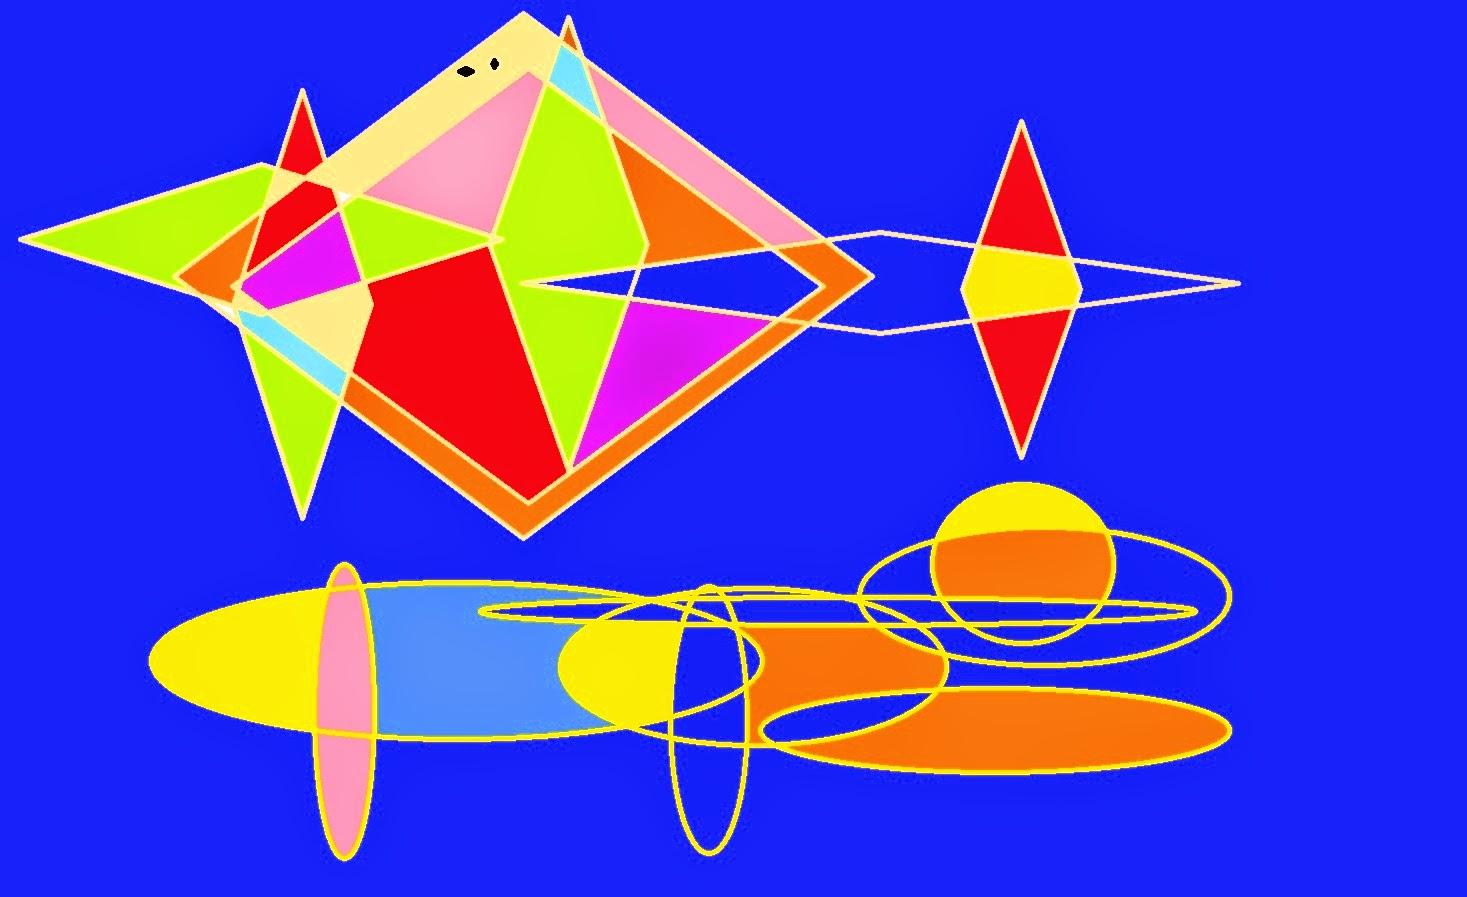 Прогноз астрологический Лаборатории звезд НСНБР с 01.12.2014. по 07.12.2014. Автор фото председатель НСНБР А.Г.Огнивцев.